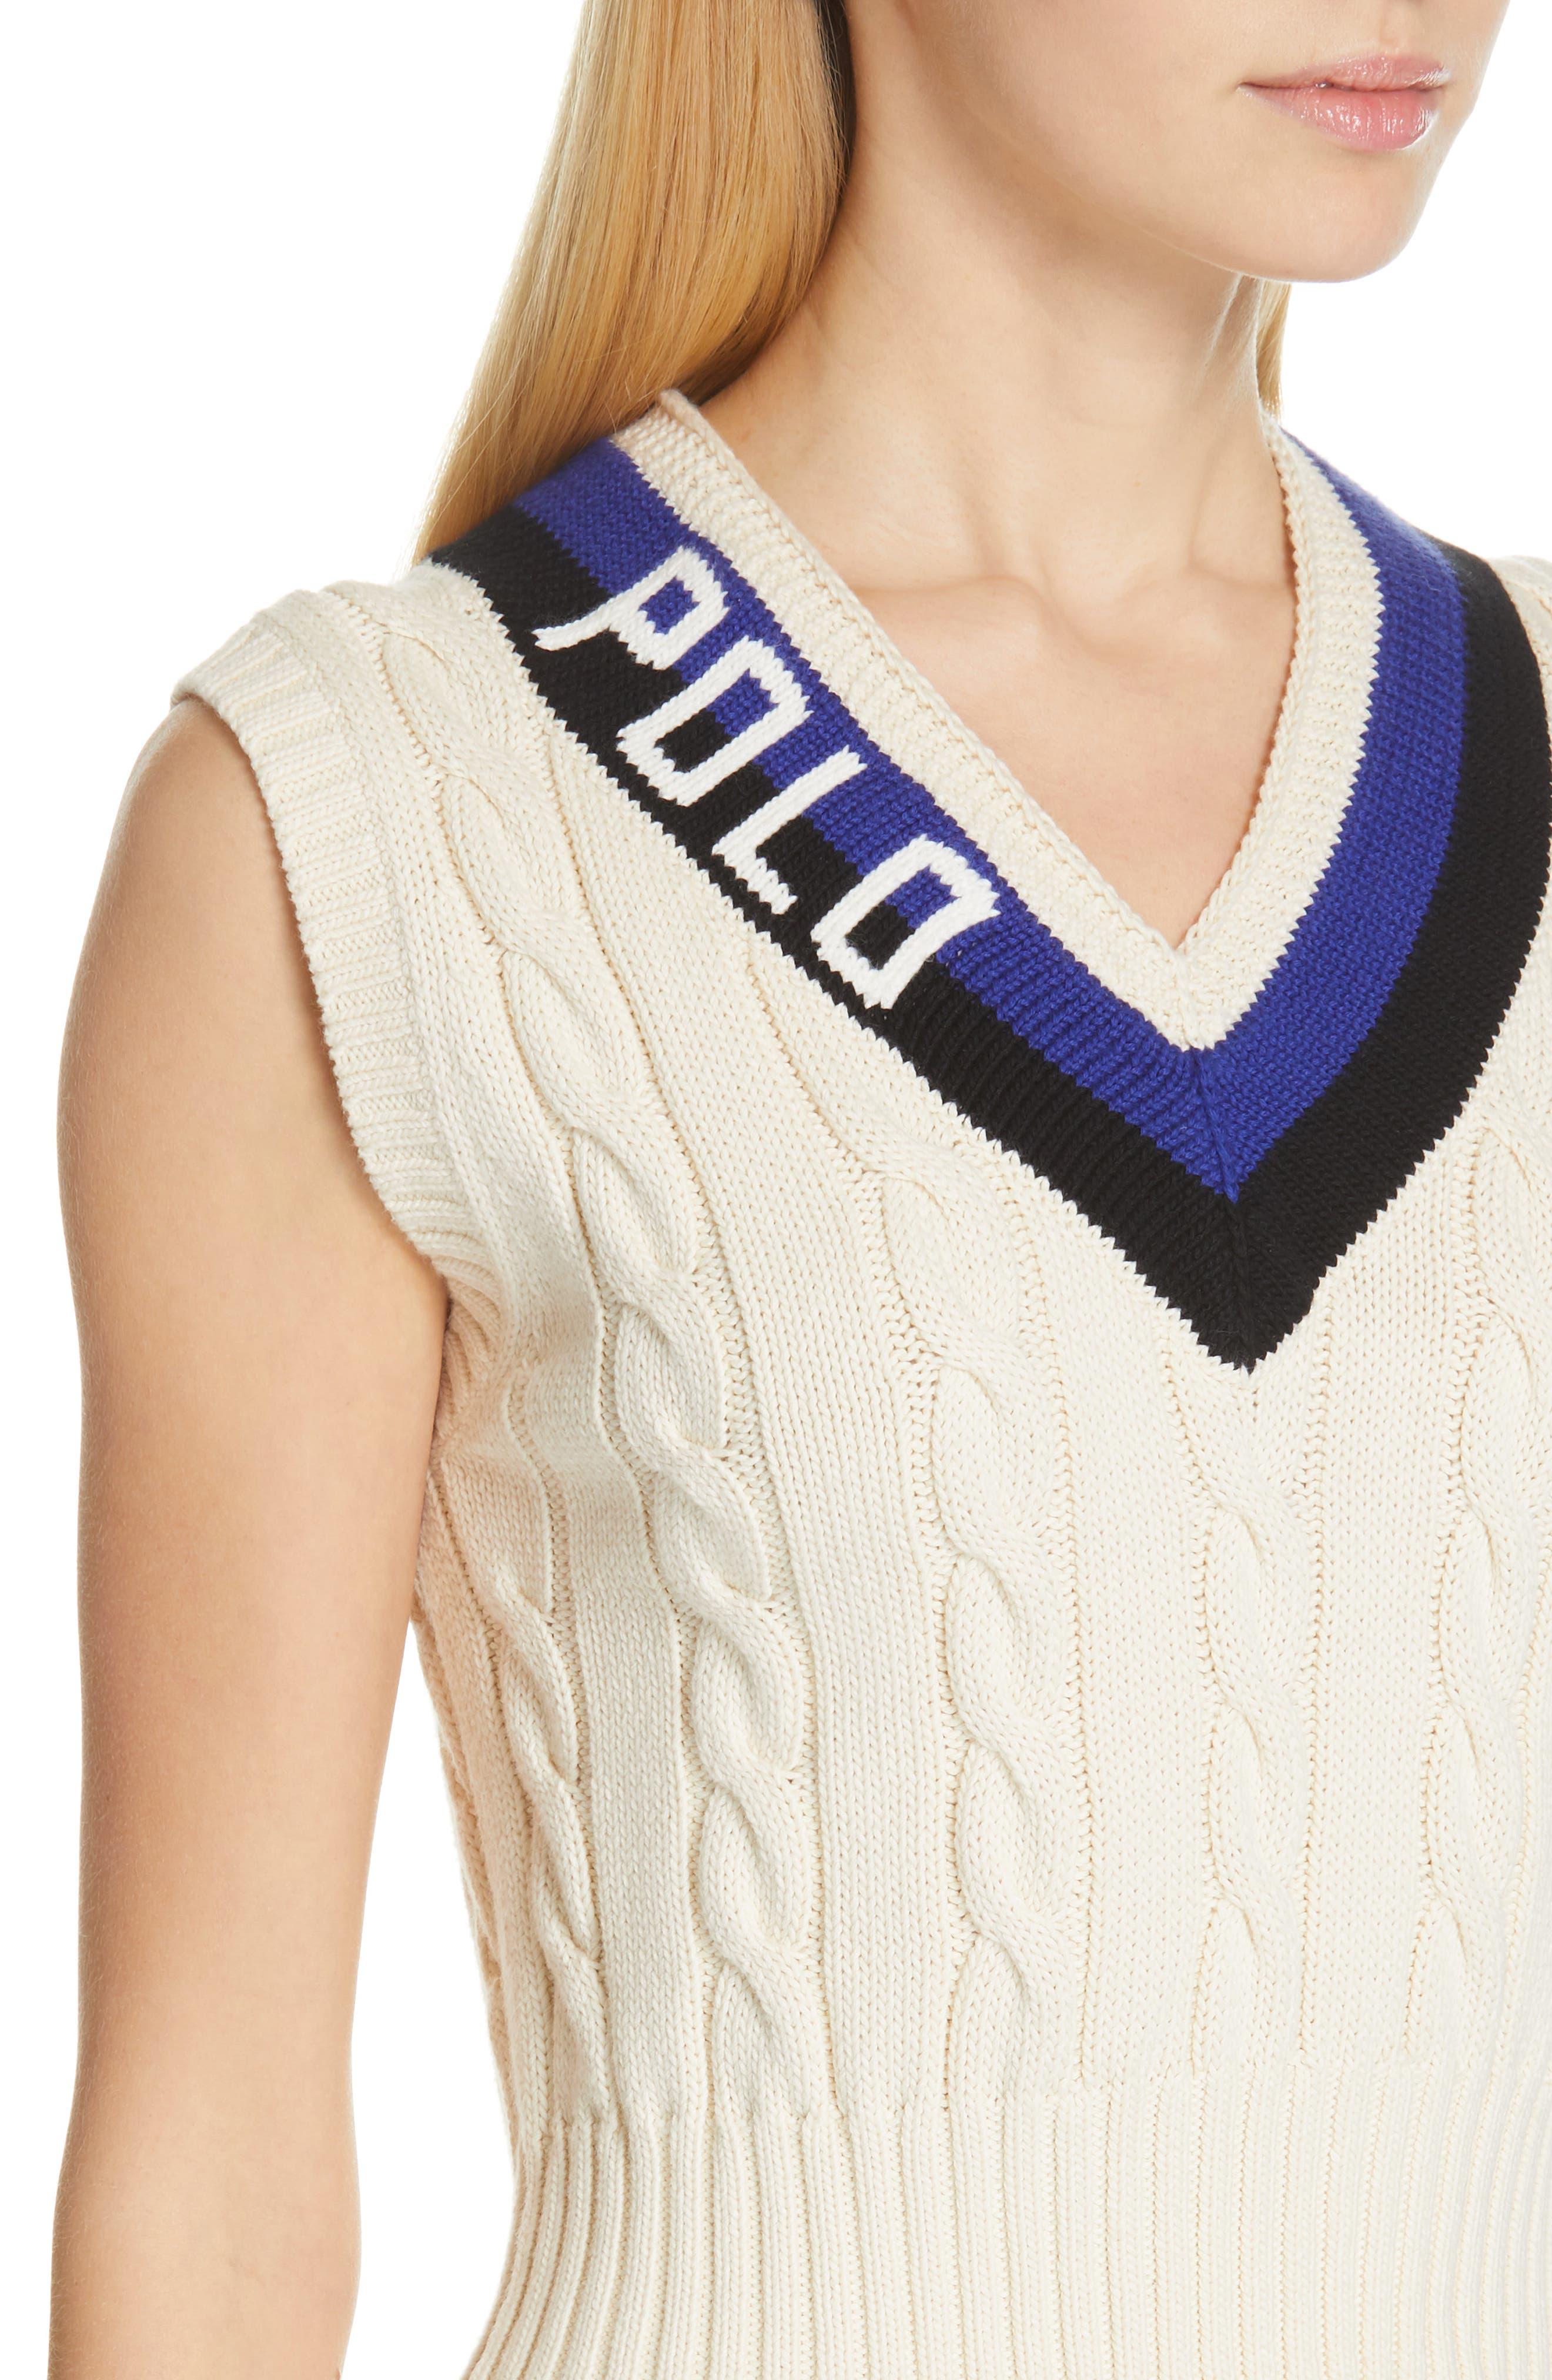 POLO RALPH LAUREN, Cable Sweater Vest, Alternate thumbnail 4, color, CREAM/ BLACK/ ROYAL